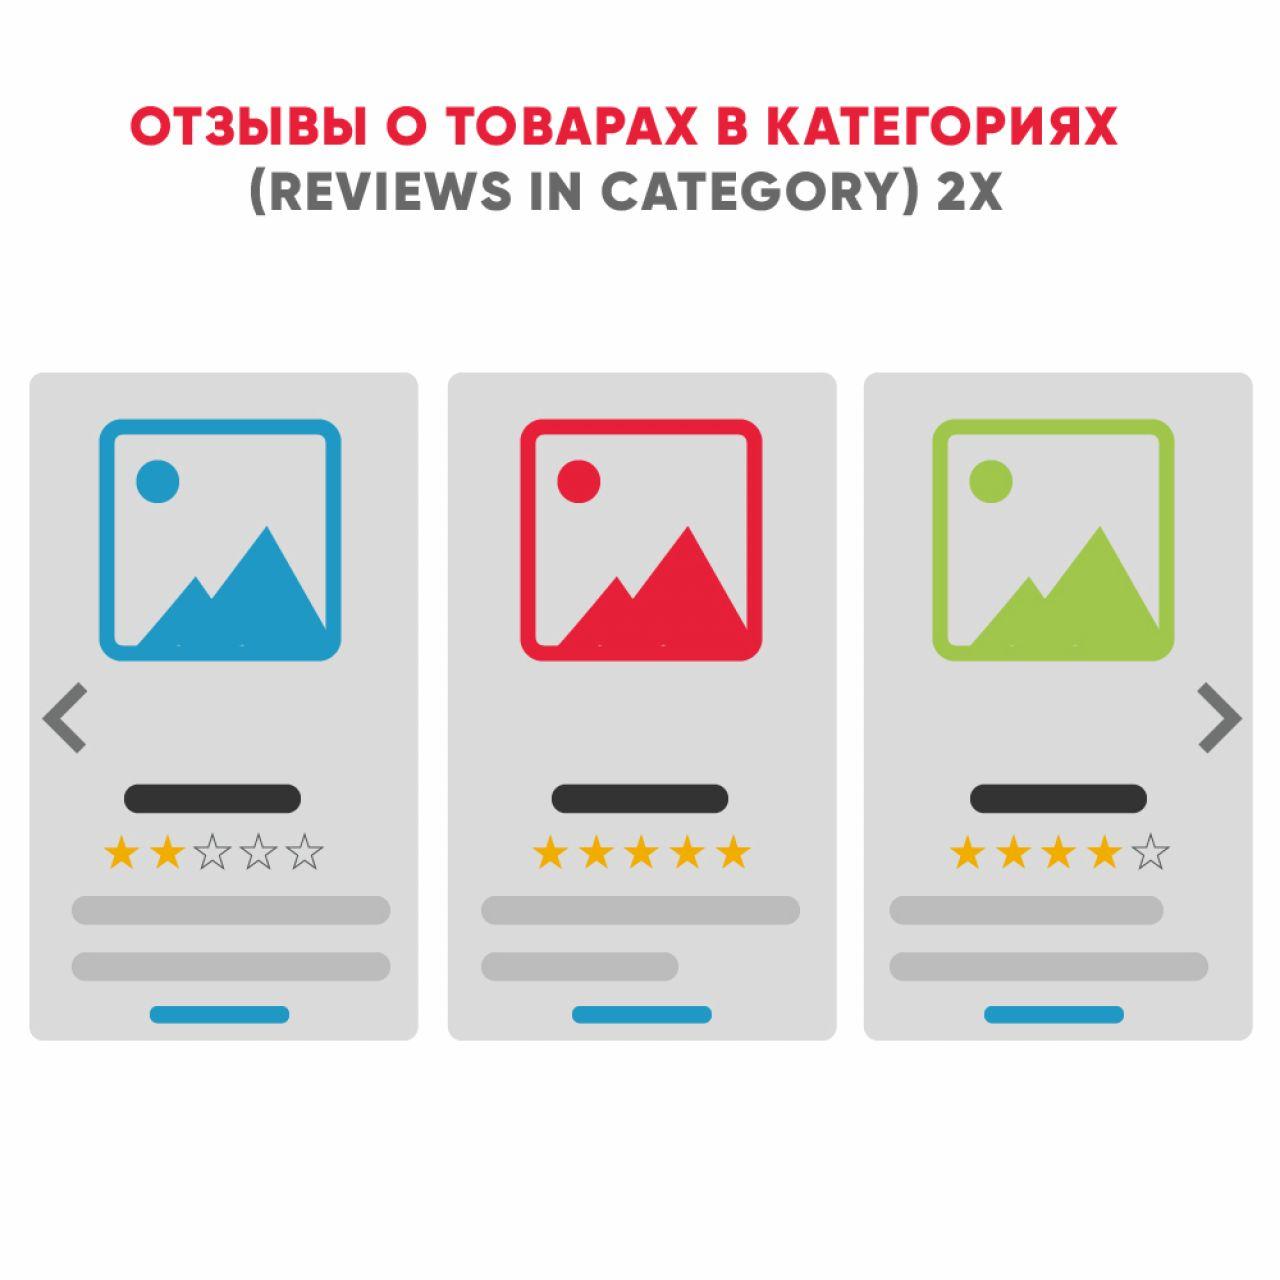 Отзывы о товарах в категориях (Reviews in category) 2.x из категории Социальные сети, отзывы для CMS OpenCart (ОпенКарт)